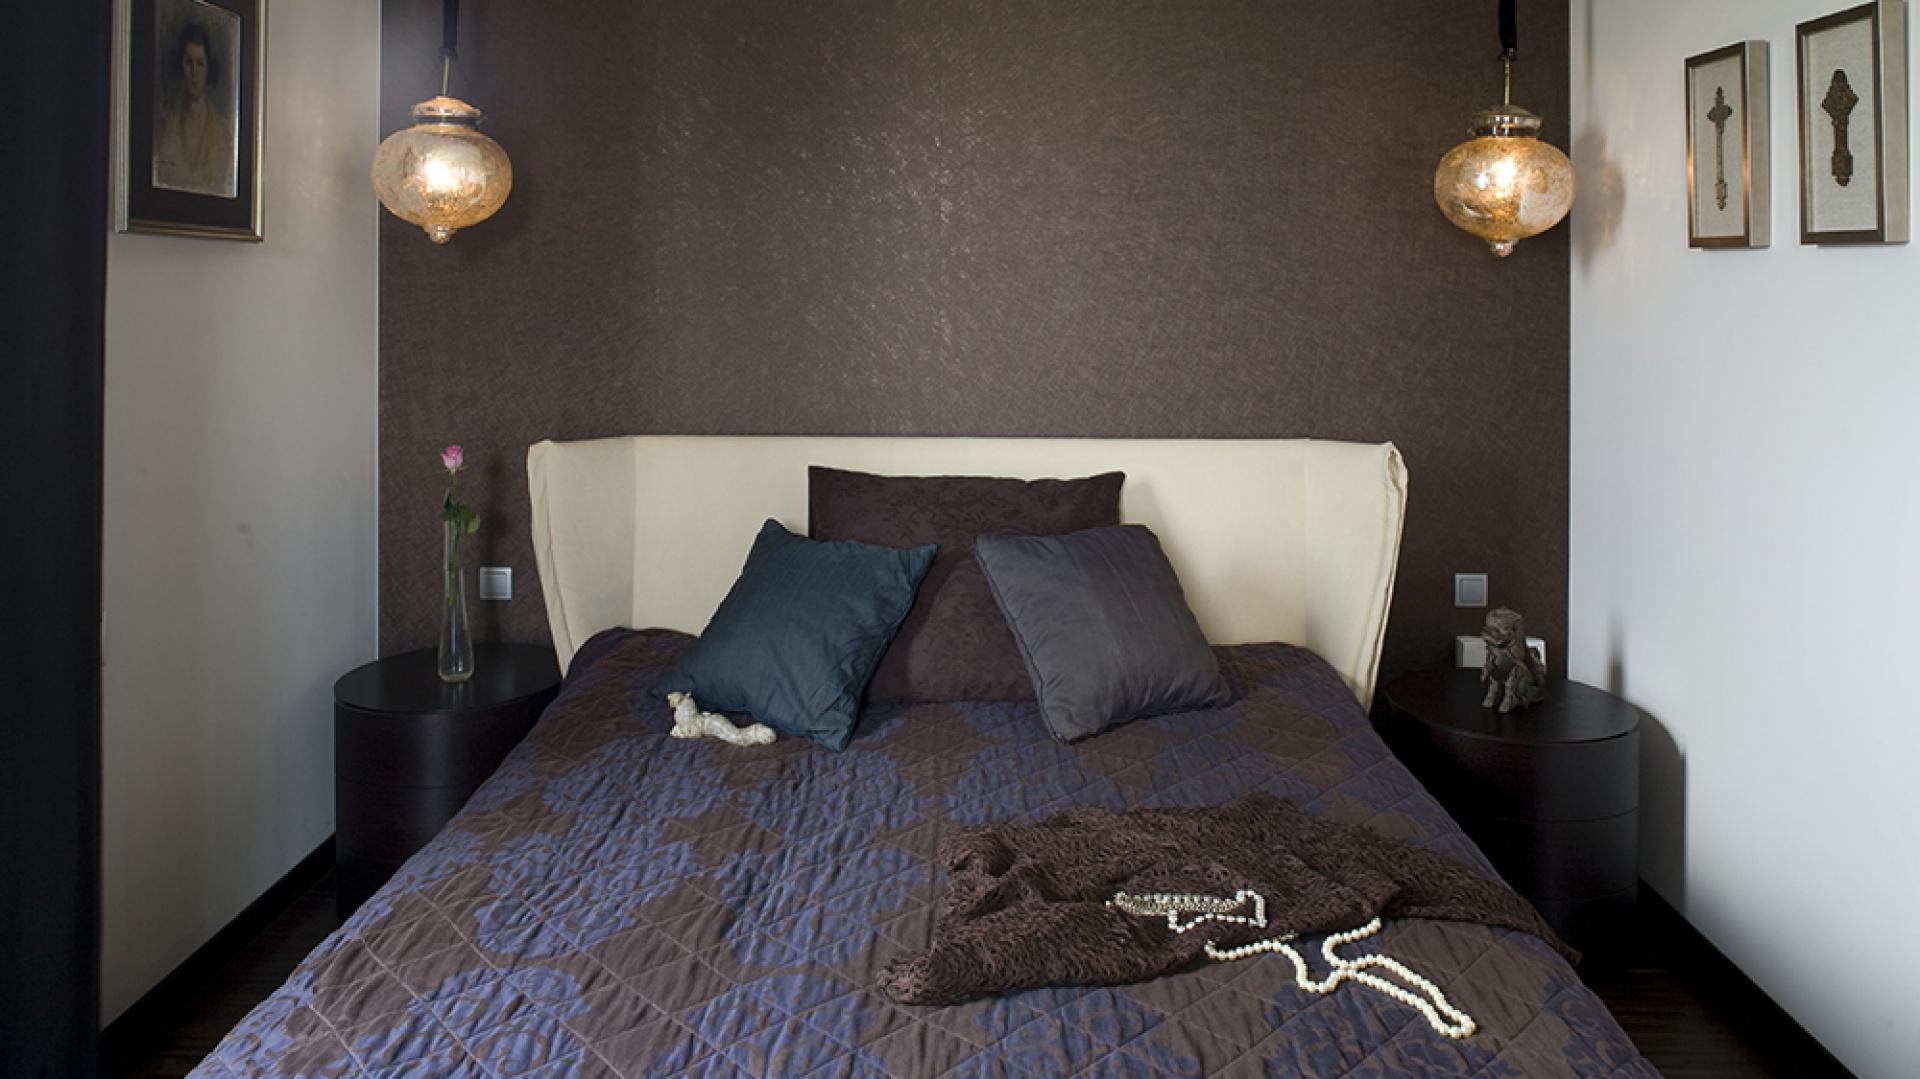 Sypialnia została skąpana w ciepłych brązach: poczynając od eleganckiego parkietu z drewna wengé, poprzez meble i ścianę za łóżkiem, aż po dobór tkanin. Fot. Marcin Onufryjuk.